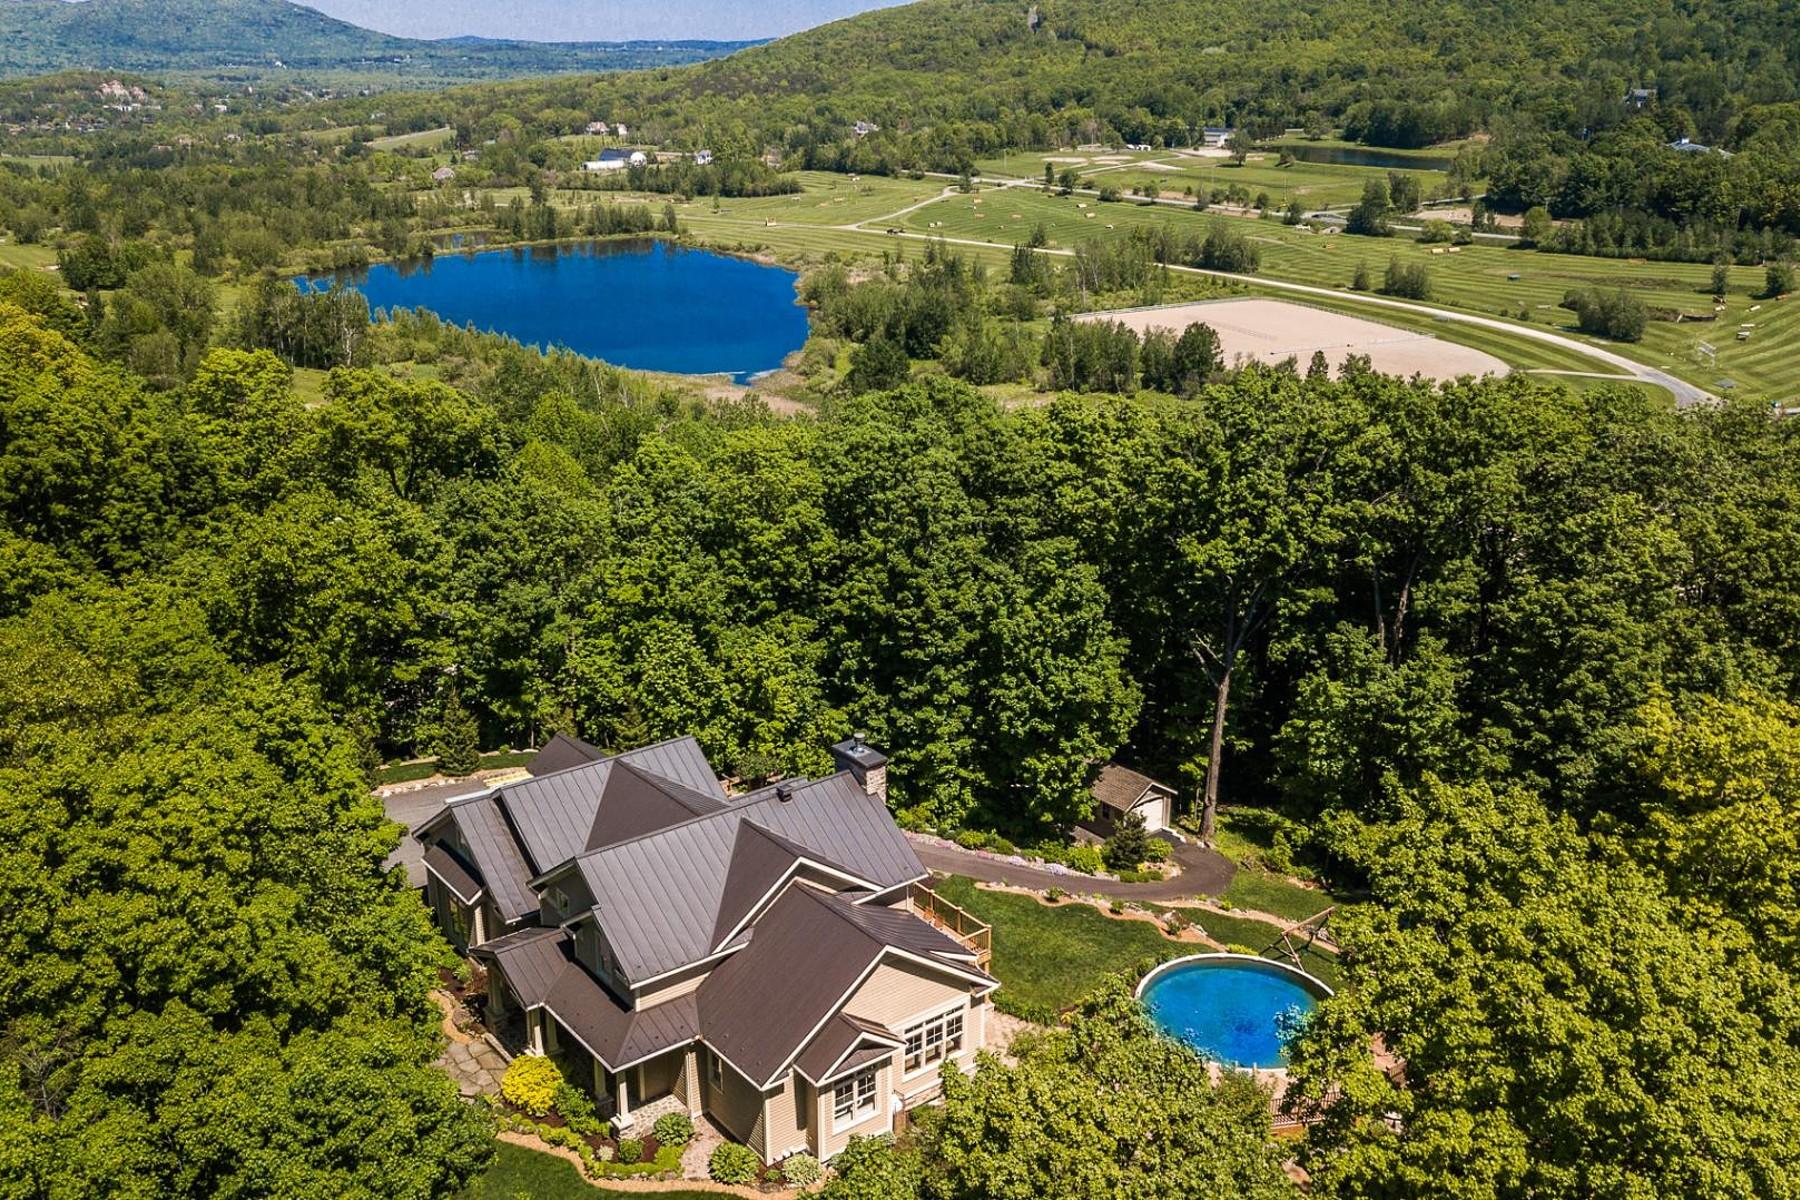 Single Family Homes for Sale at Bromont, Montérégie 420 Rue des Lauriers Bromont, Quebec J2L0B7 Canada